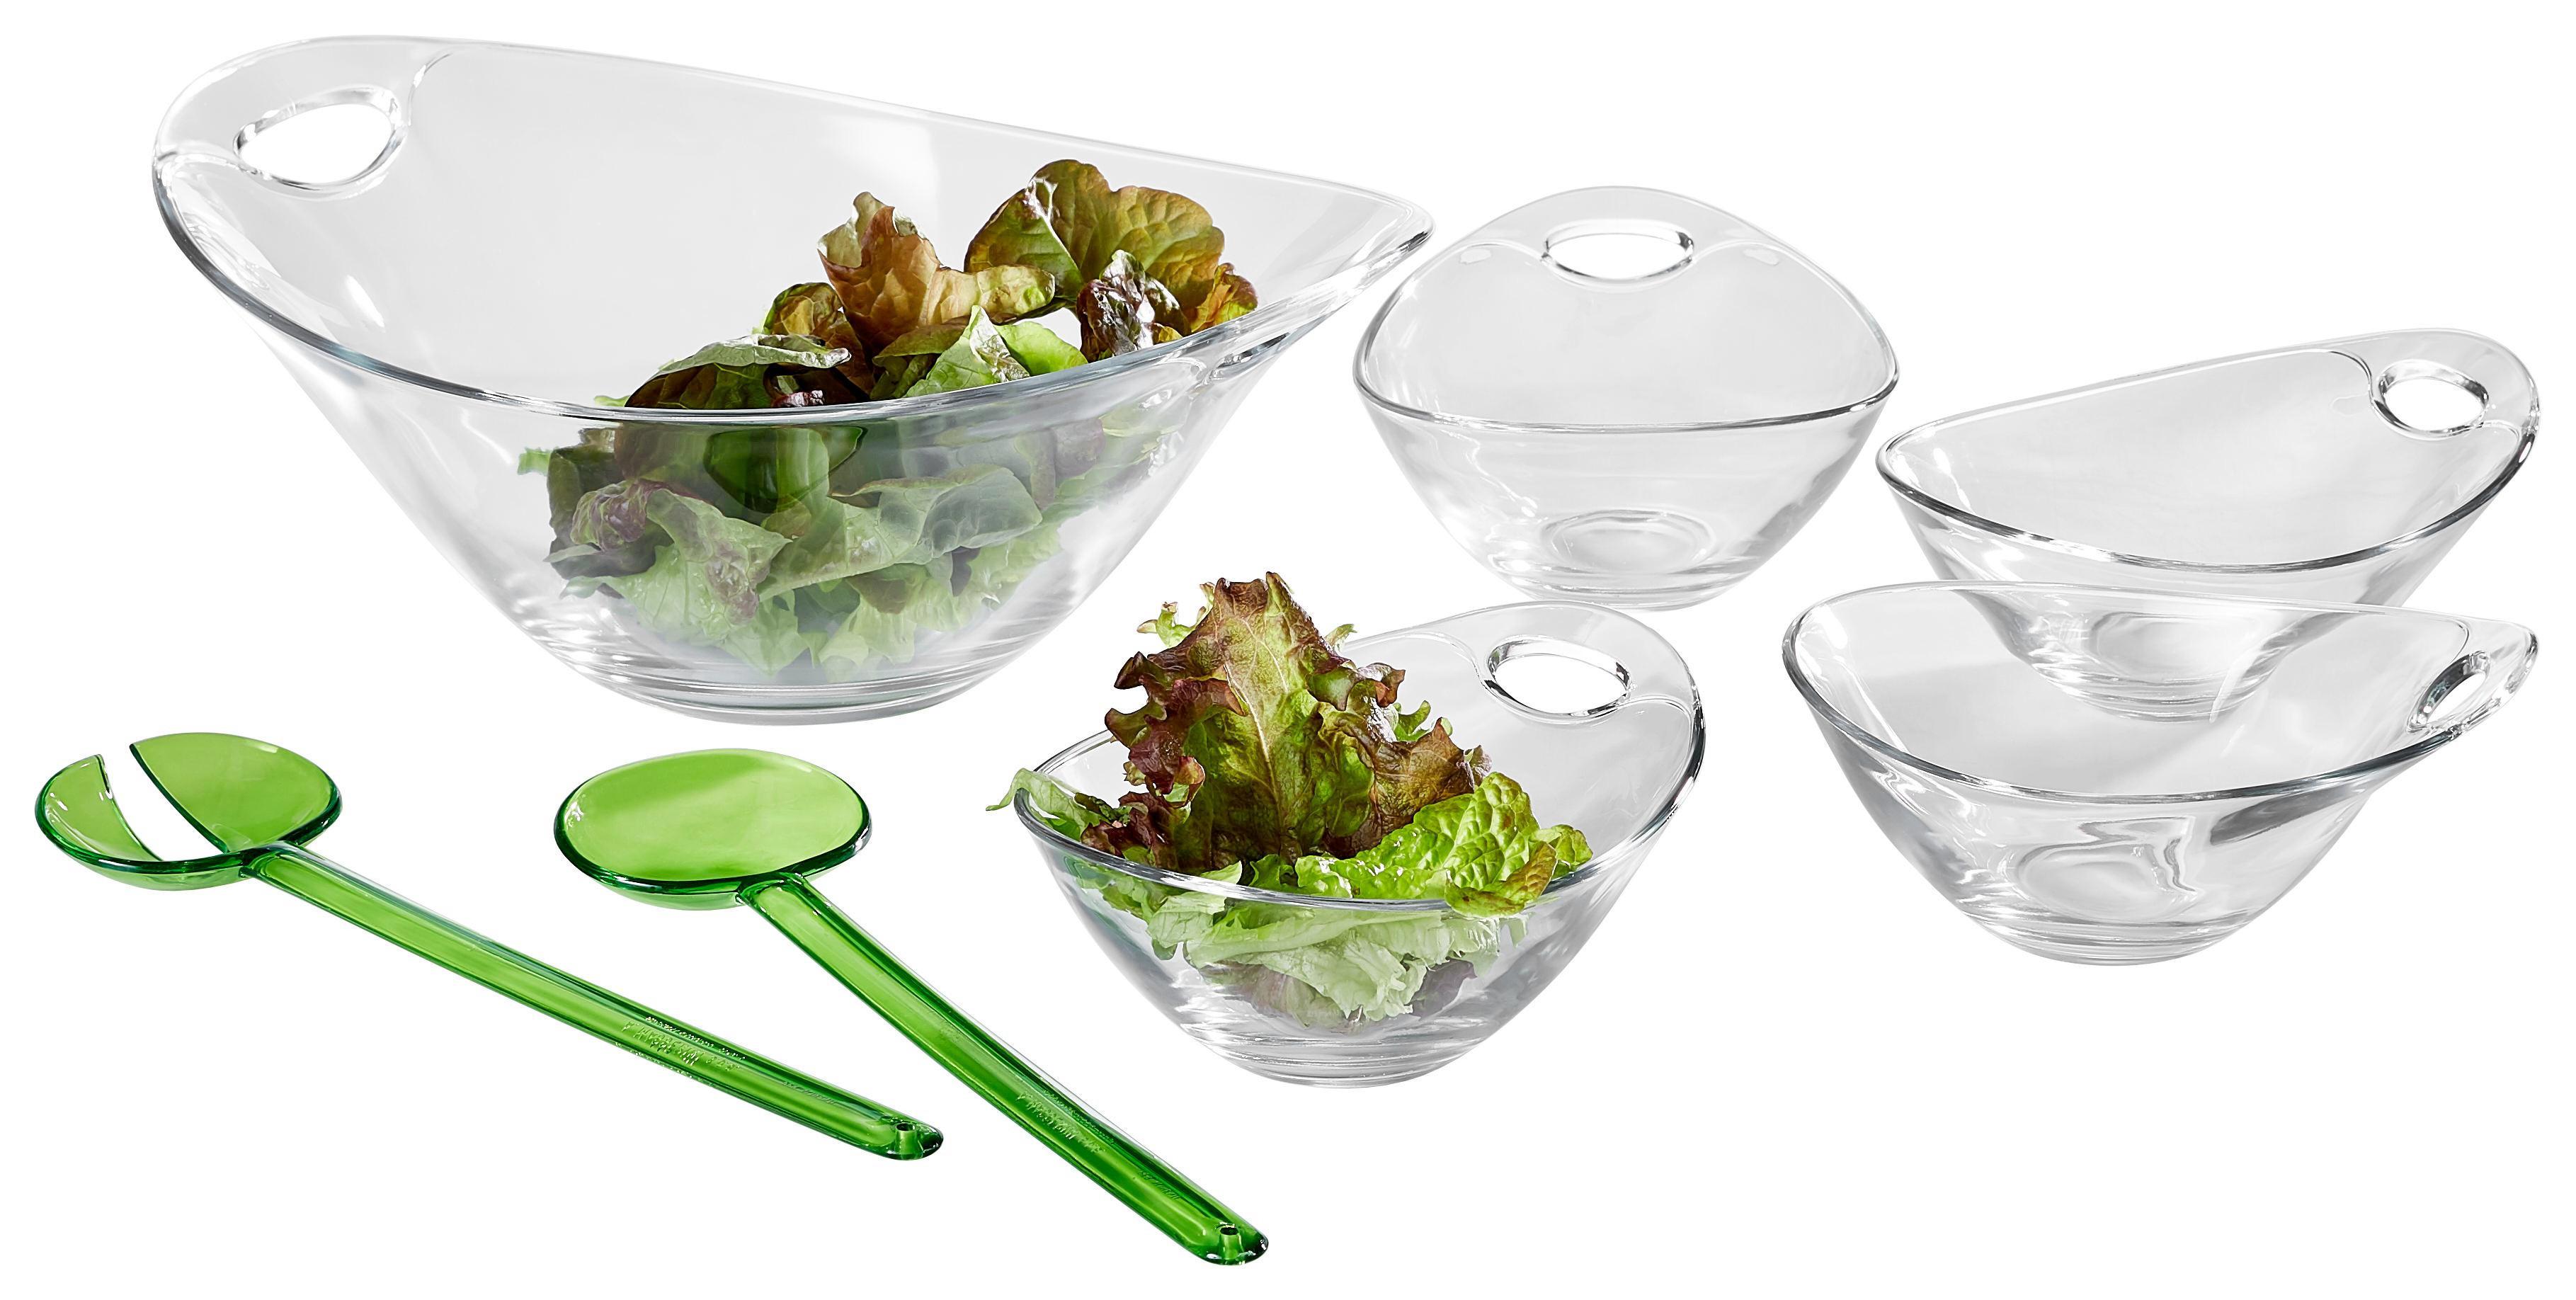 SCHÜSSELSET Glas, Kunststoff 6-teilig - Transparent/Grün, Basics, Glas/Kunststoff - NOVEL